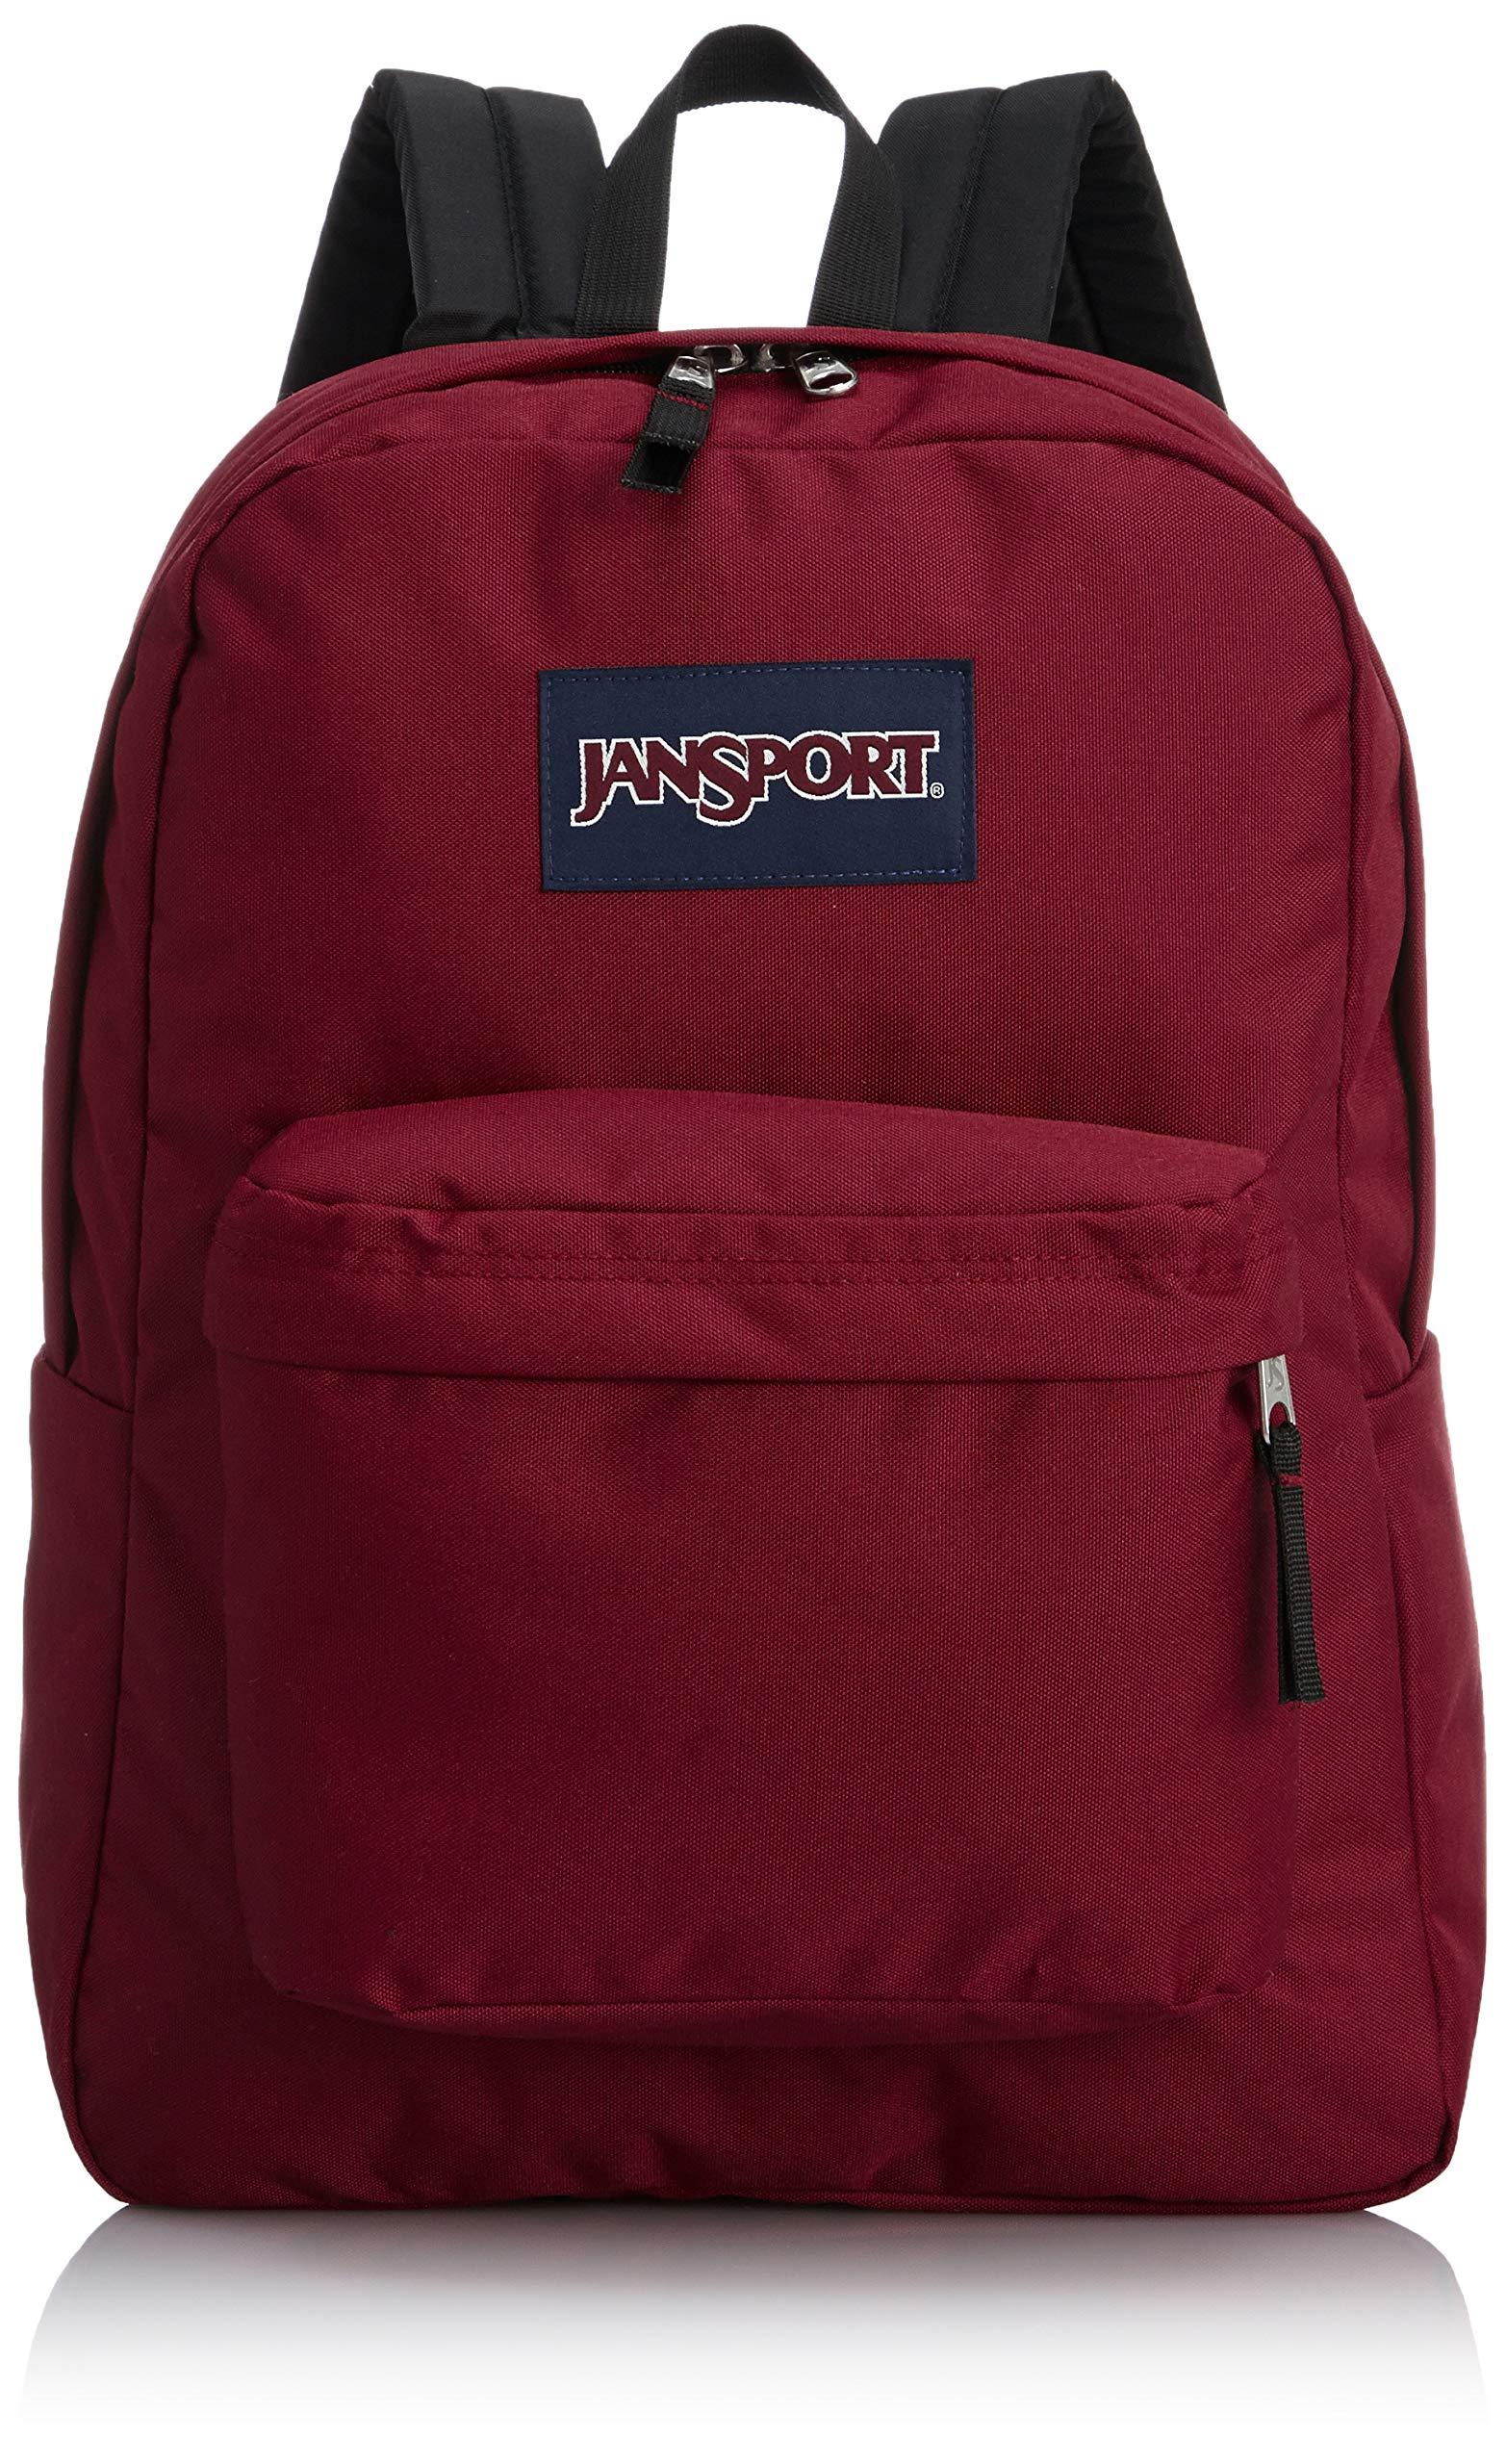 JanSport T501 Superbreak Backpack - Viking Red by JanSport